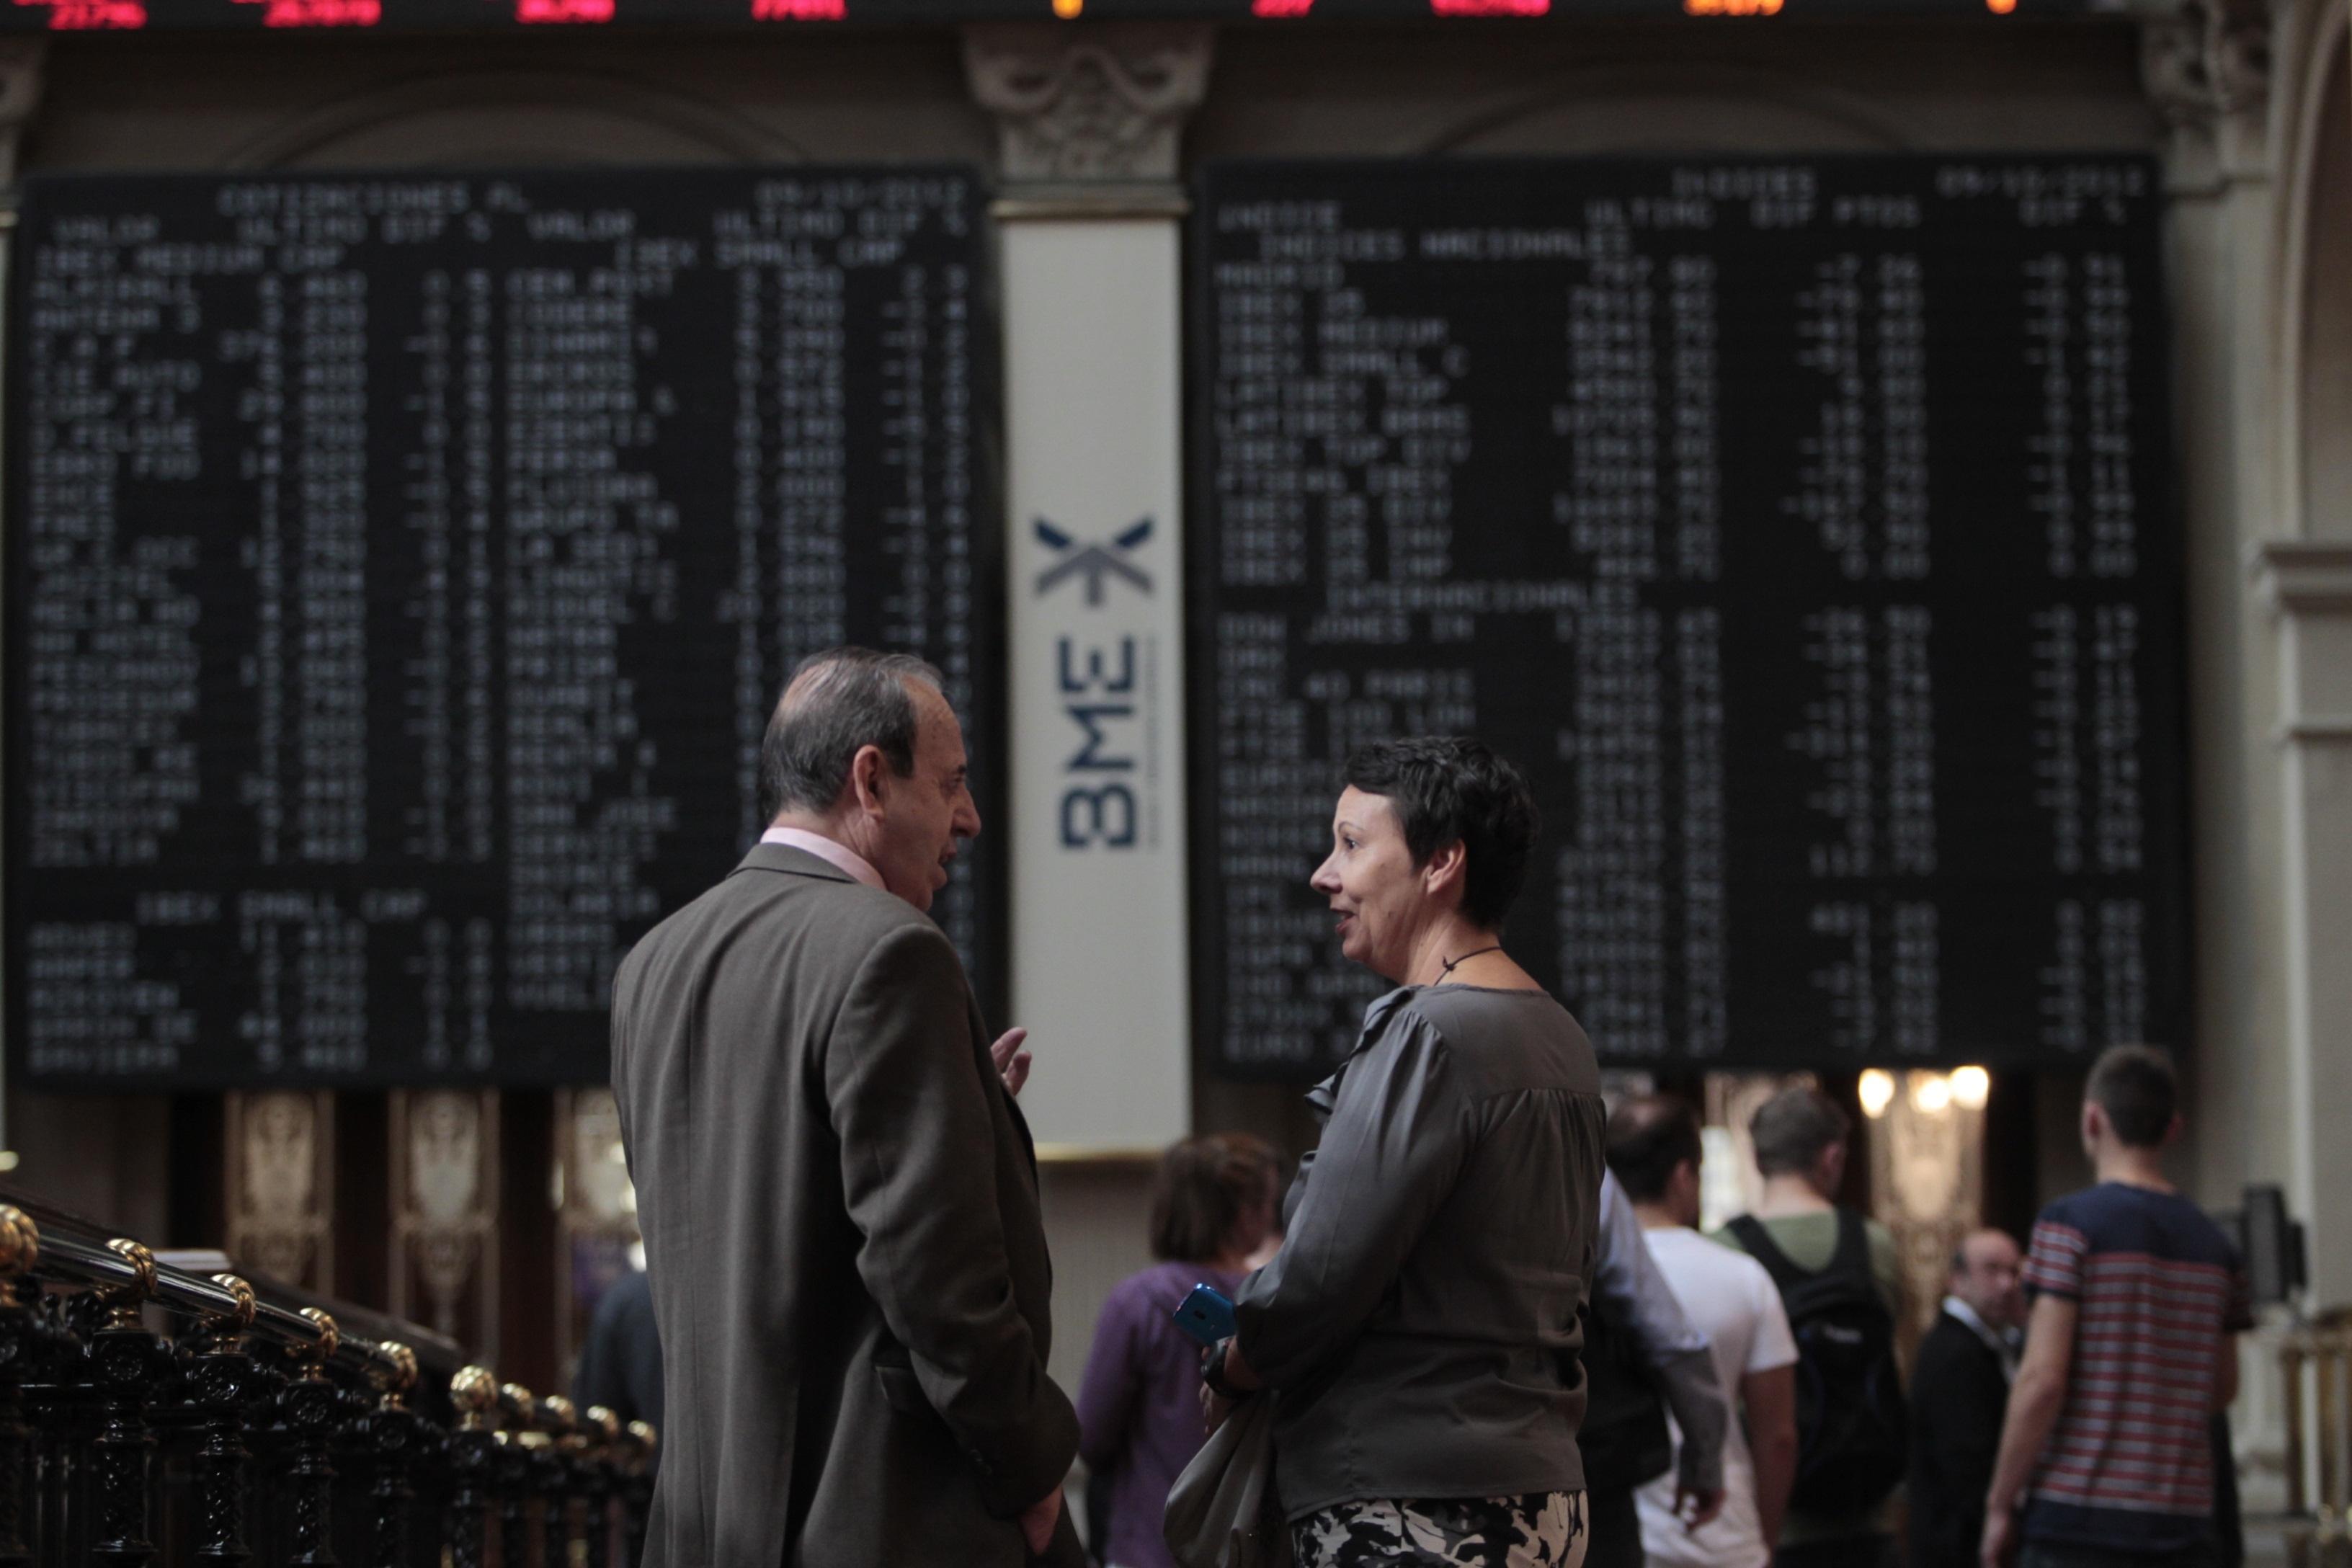 El Ibex gana un 1,07% gracias a Endesa y afianza los 9.400 enteros